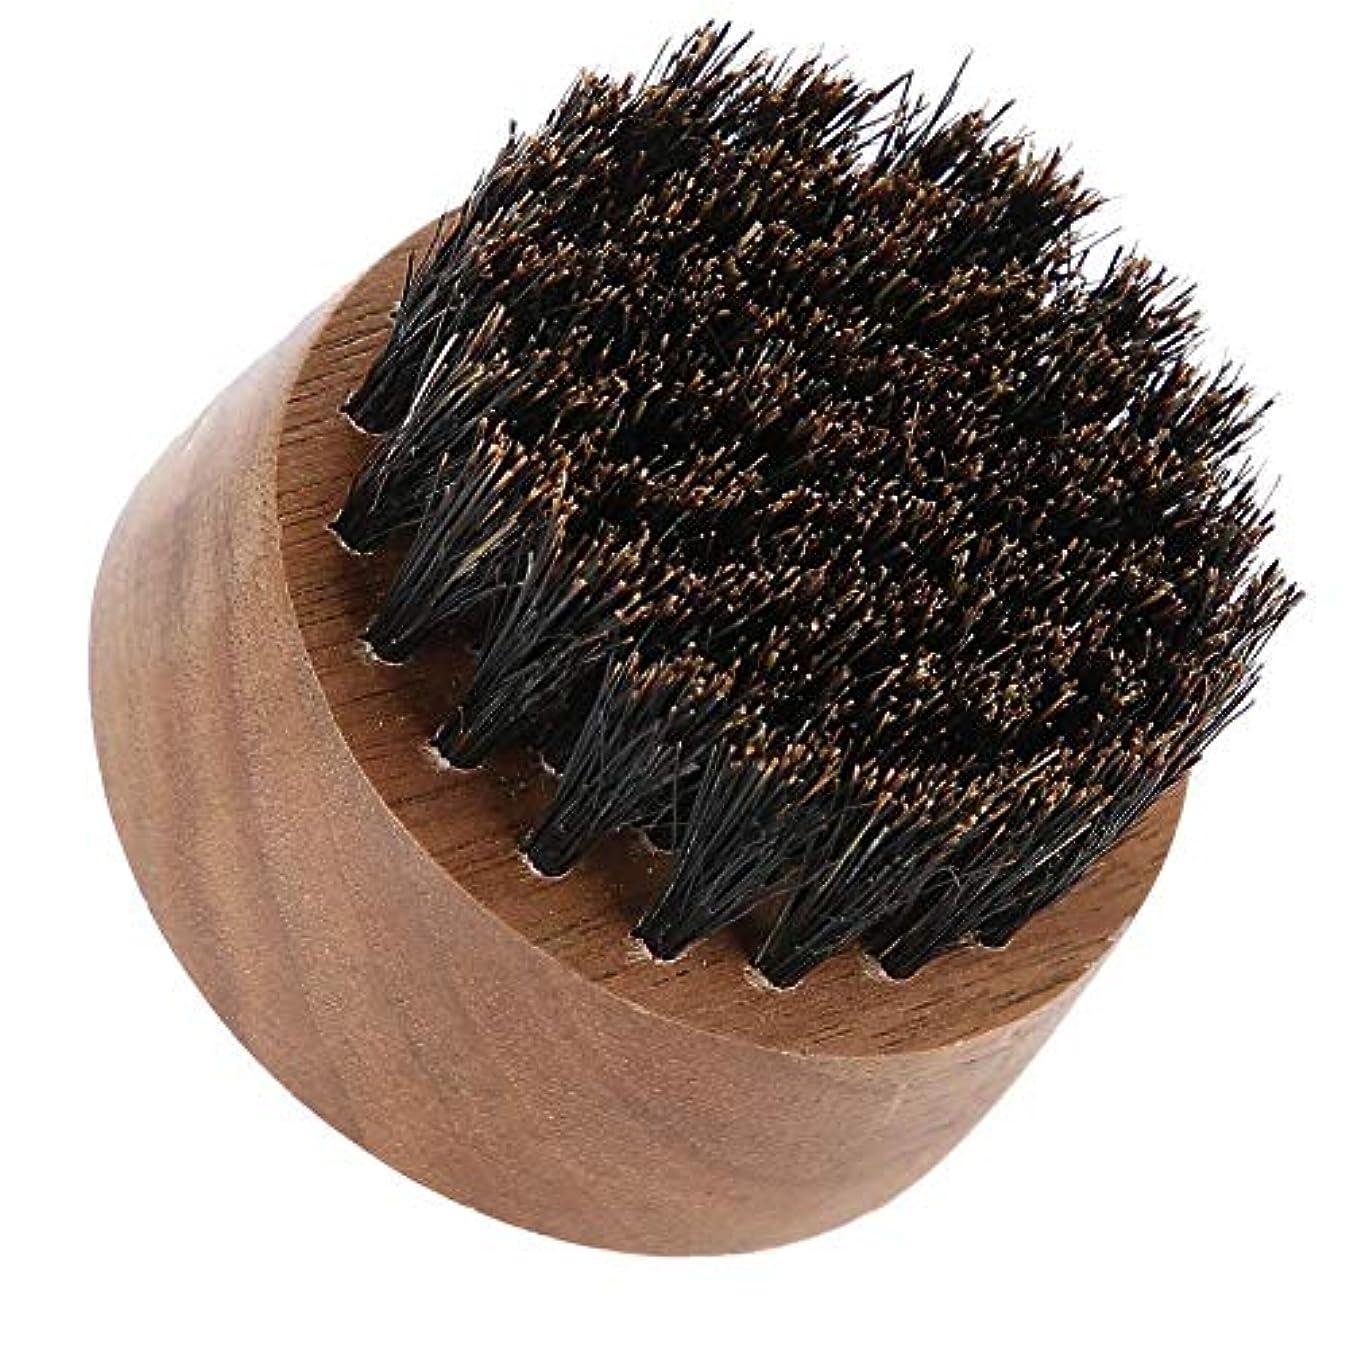 ストッキングエロチック風が強い男性ひげブラシ-最高のひげとスキンケア(黒クルミ)